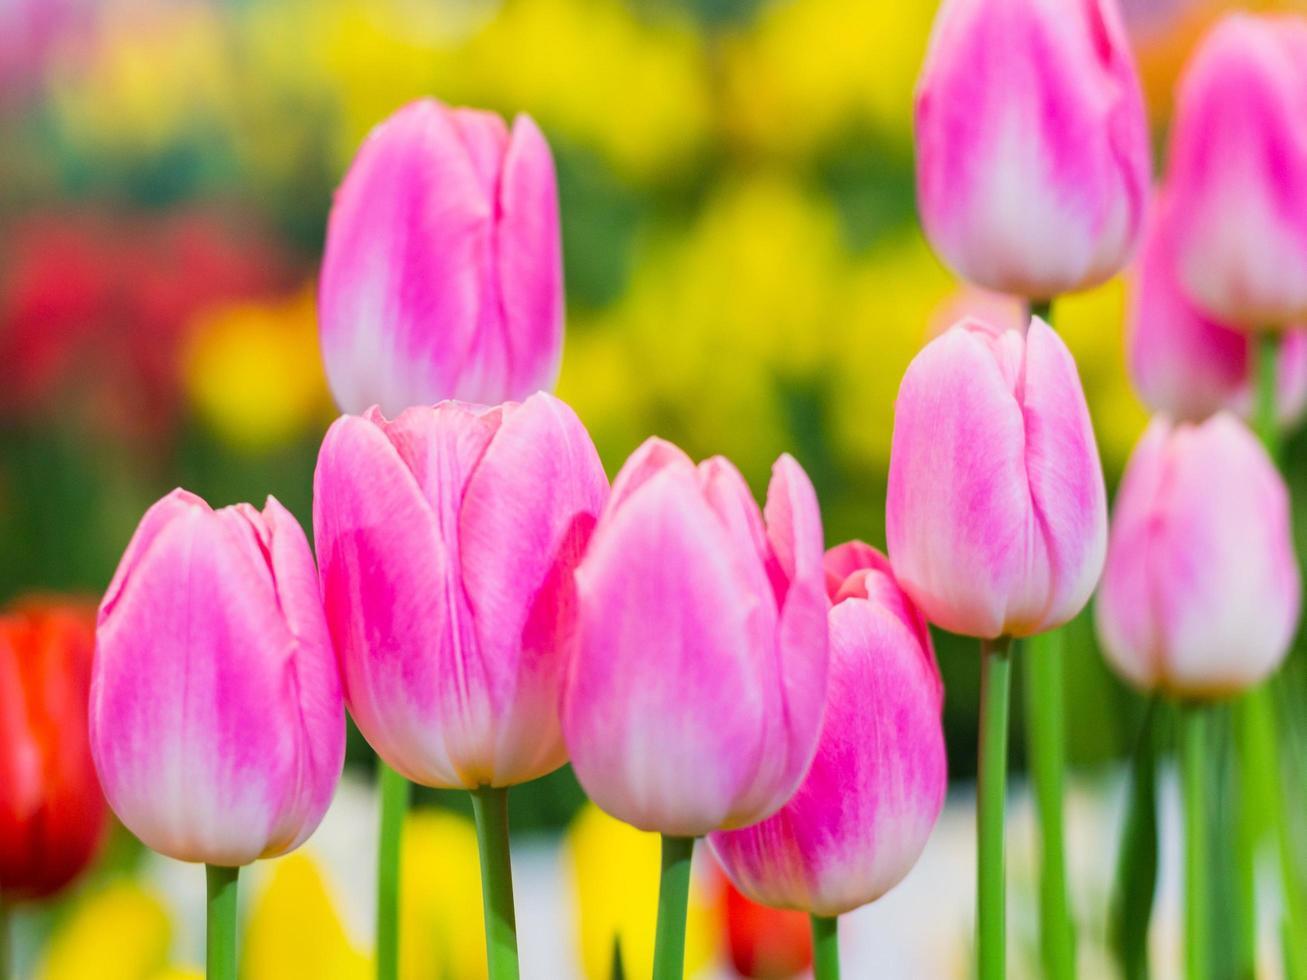 rosa tulpaner i blom foto